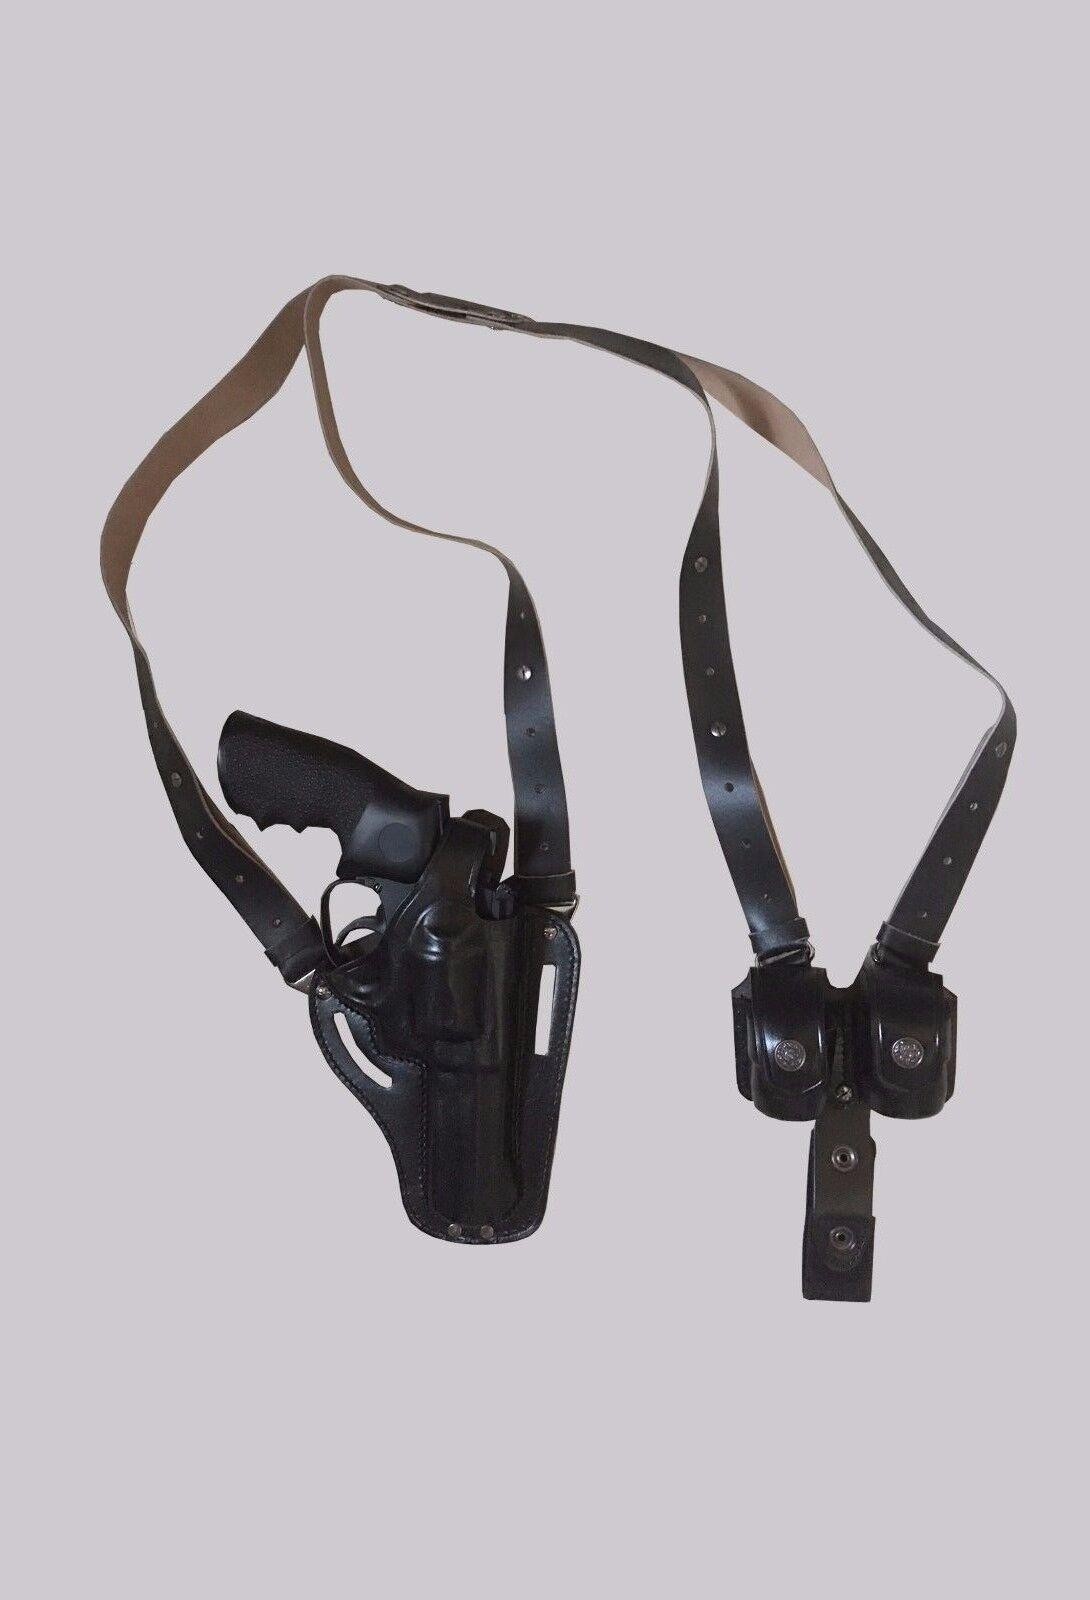 Funda de hombro y cinturón KHS305-SW con Bolsa Speedloader doble S&W 686 (2in1)